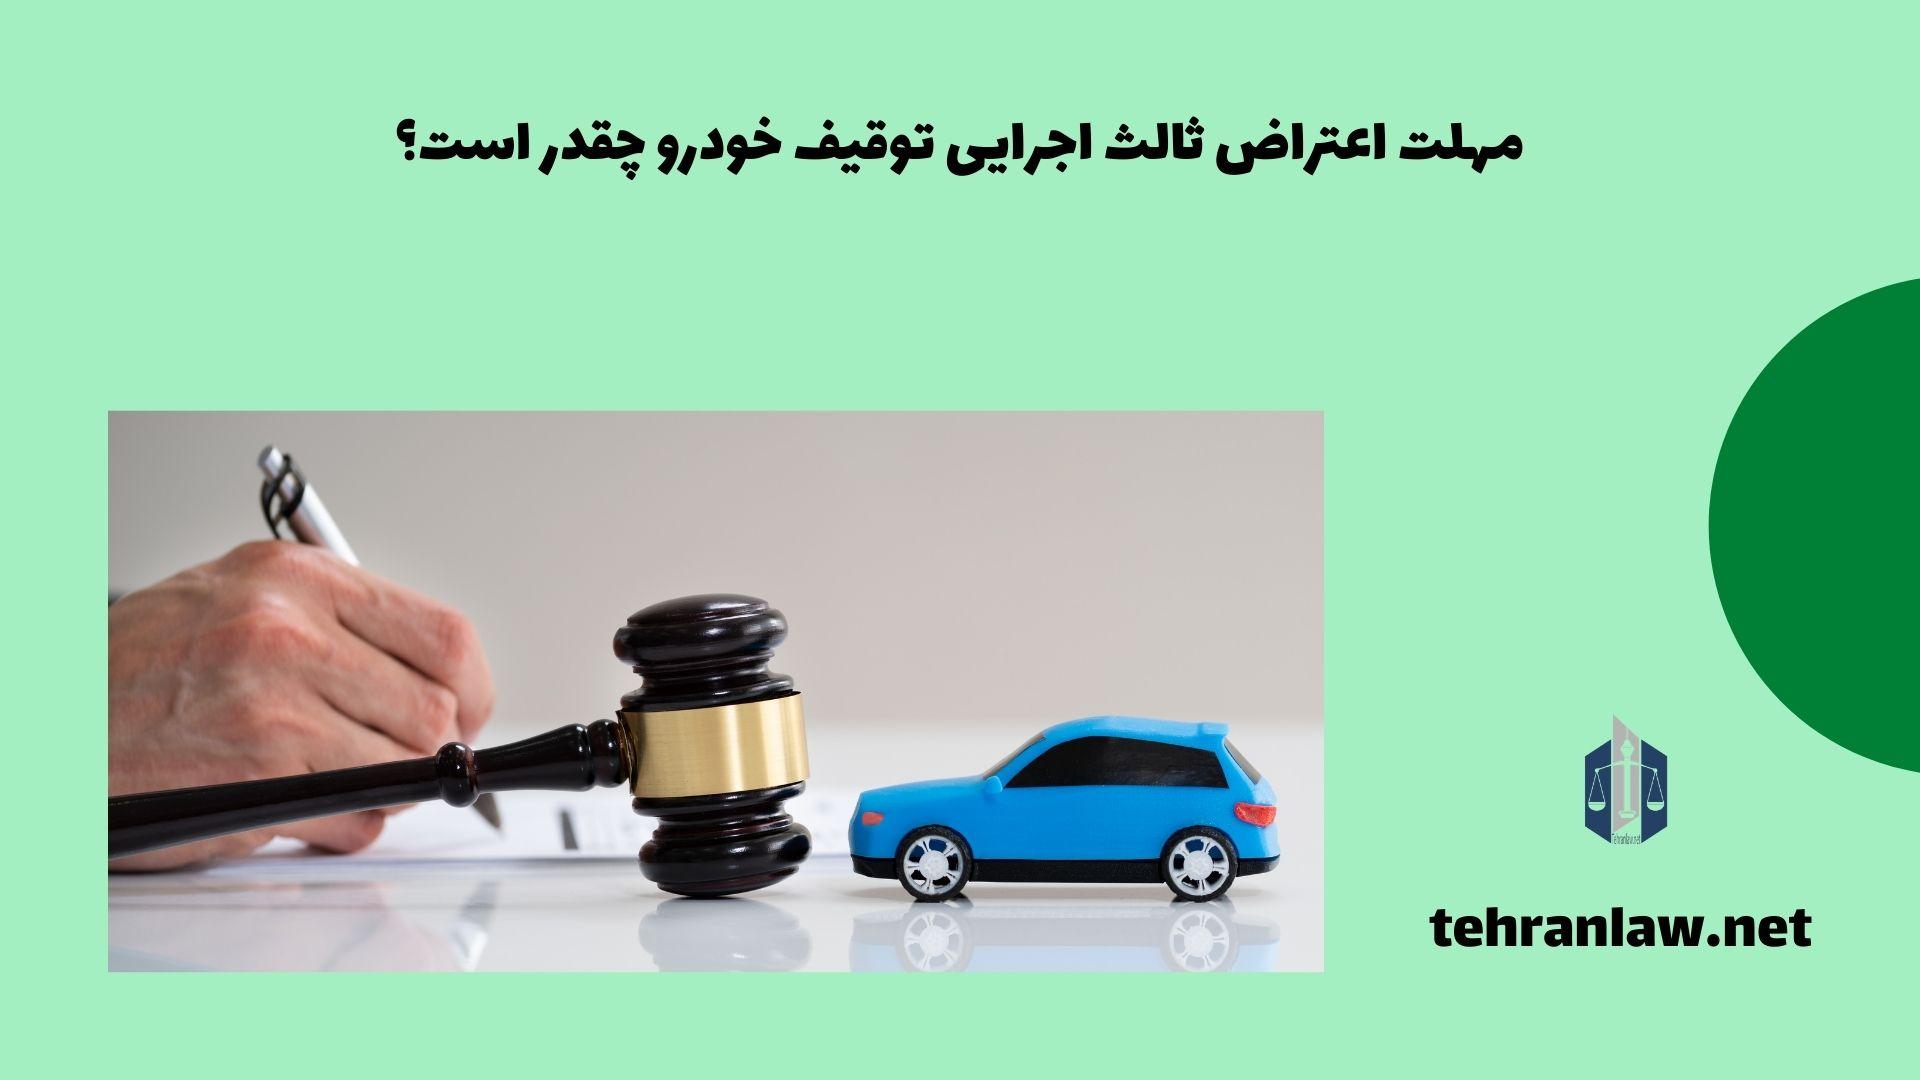 مهلت اعتراض ثالث اجرایی توقیف خودرو چقدر است؟